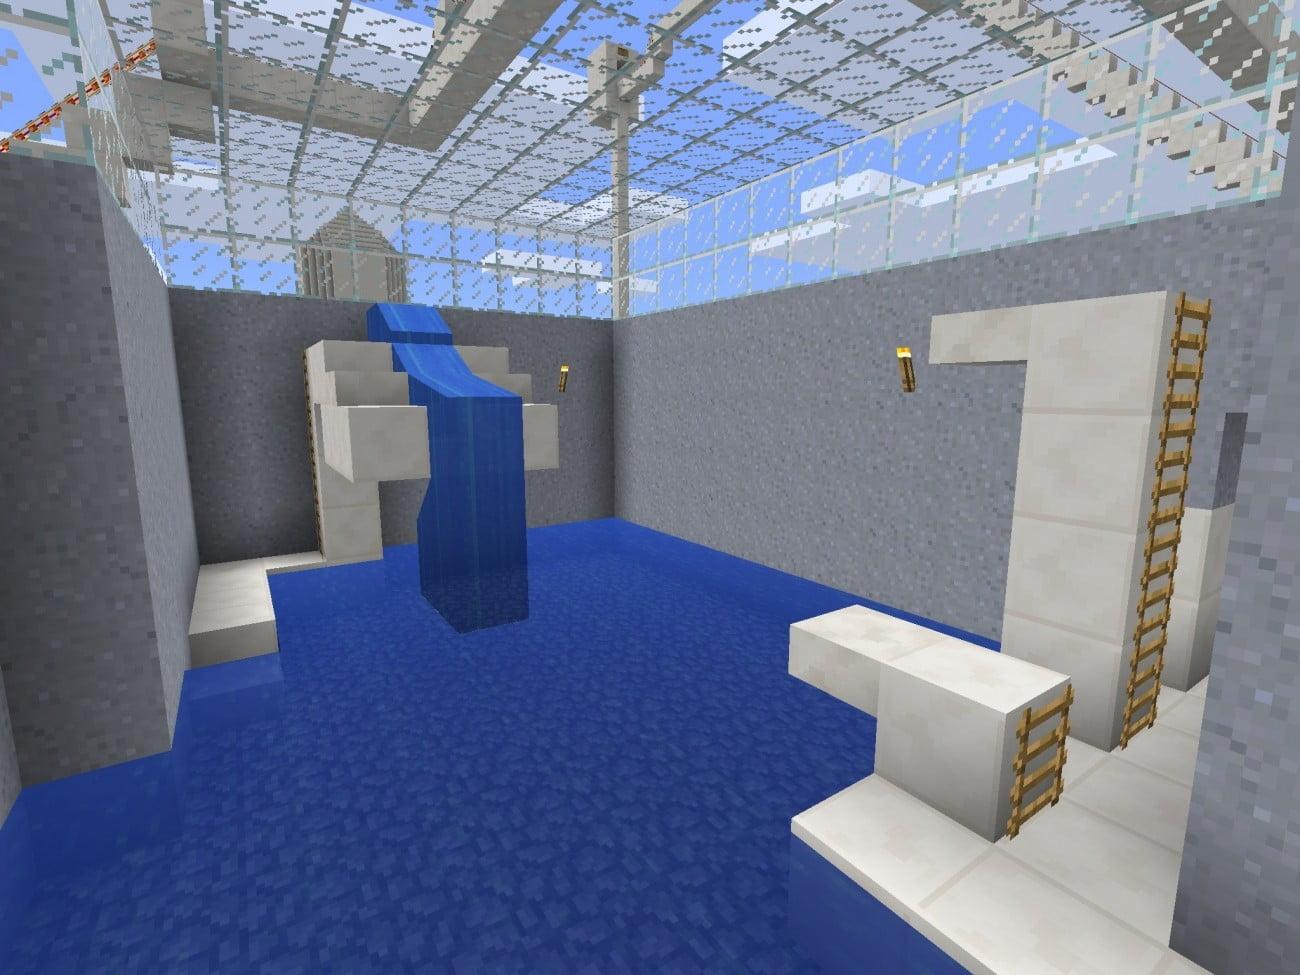 kleines schwimmbecken in minecraft bauen minecraft